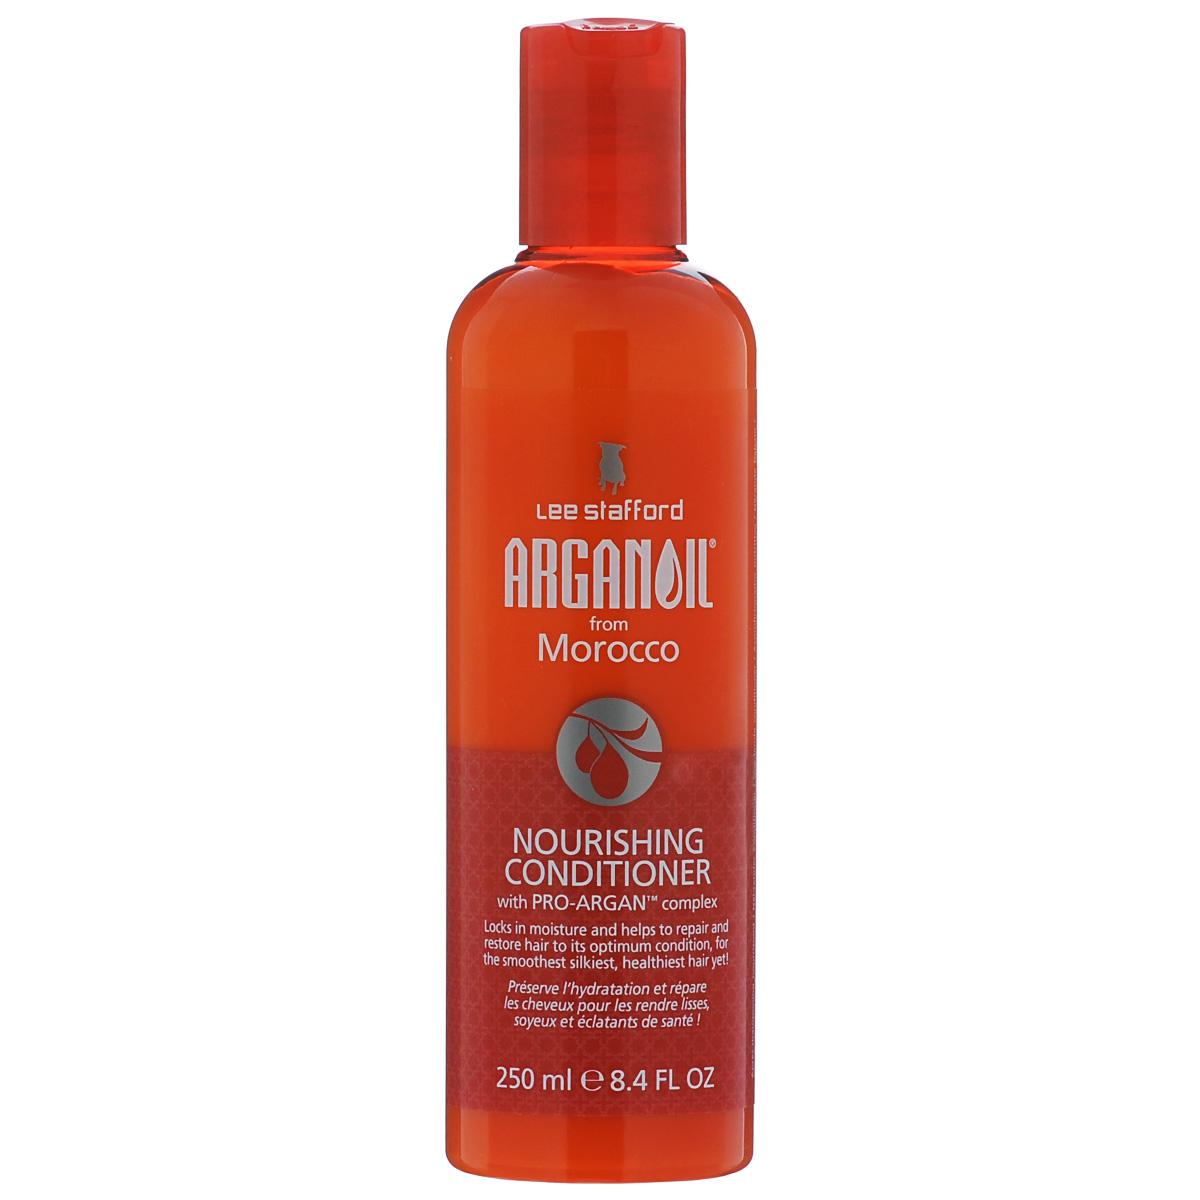 Lee Stafford Питательный кондиционер для волос с аргановым маслом Arganoil From Marocco, 250 мл695445M04000 Lee Stafford Кондиционер питательный с аргановым маслом Arganoil from Marocco, 250 мл. Легкий кондиционер с комплексом Pro-Argan™ сохраняет влагу внутри каждого волоса, восстанавливая, поддерживая оптимальный уровень увлажненности волос.